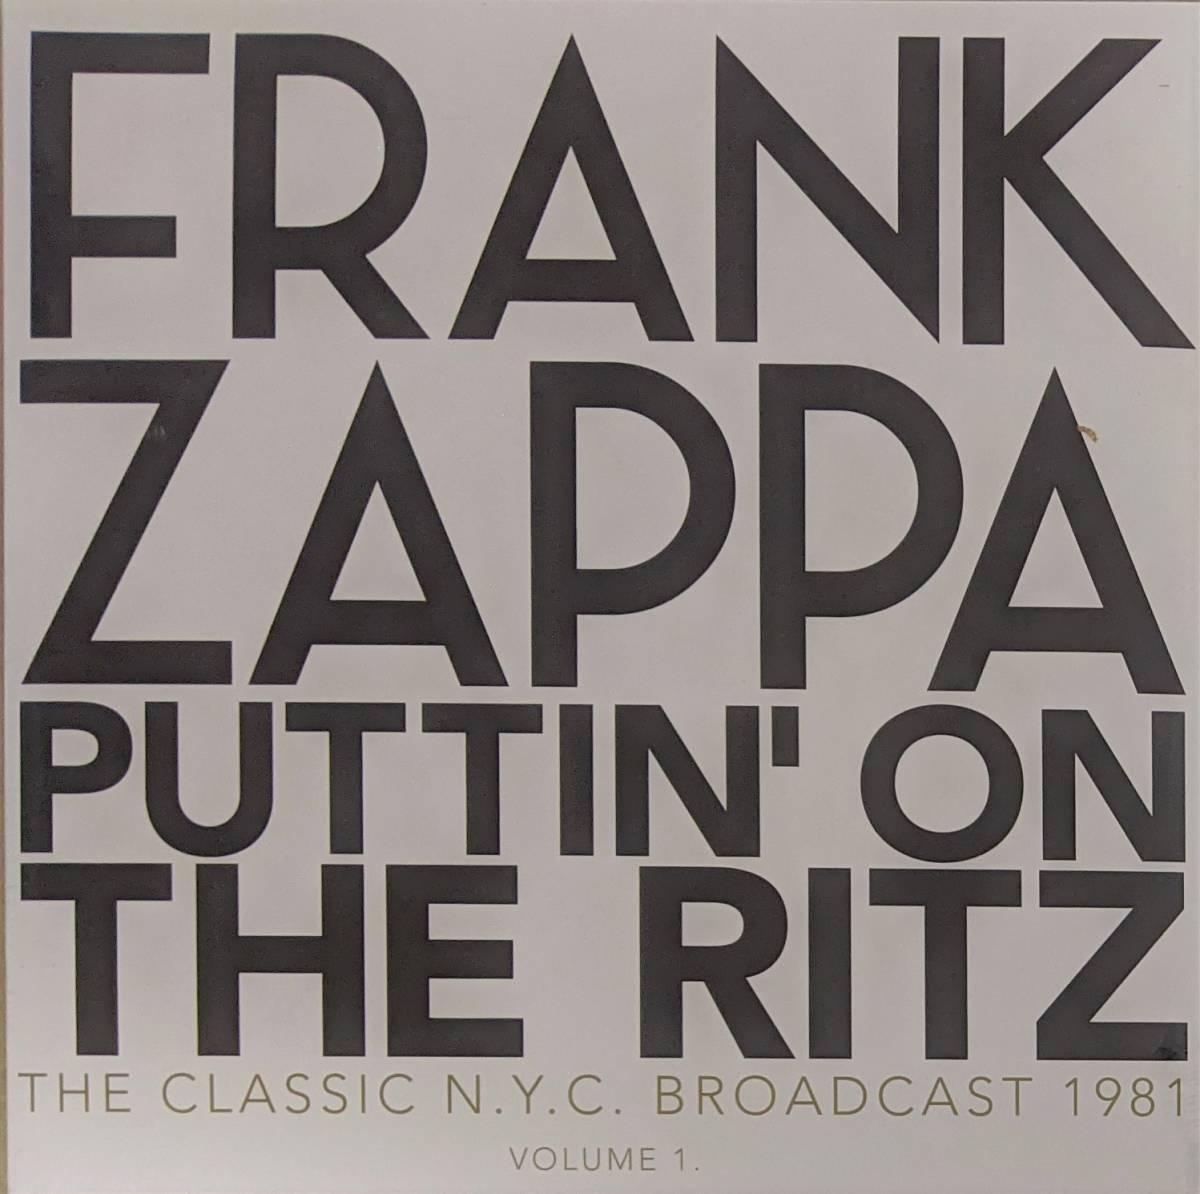 Frank Zappa フランク・ザッパ - Puttin' On The Ritz Volume 1 限定二枚組アナログ・レコード